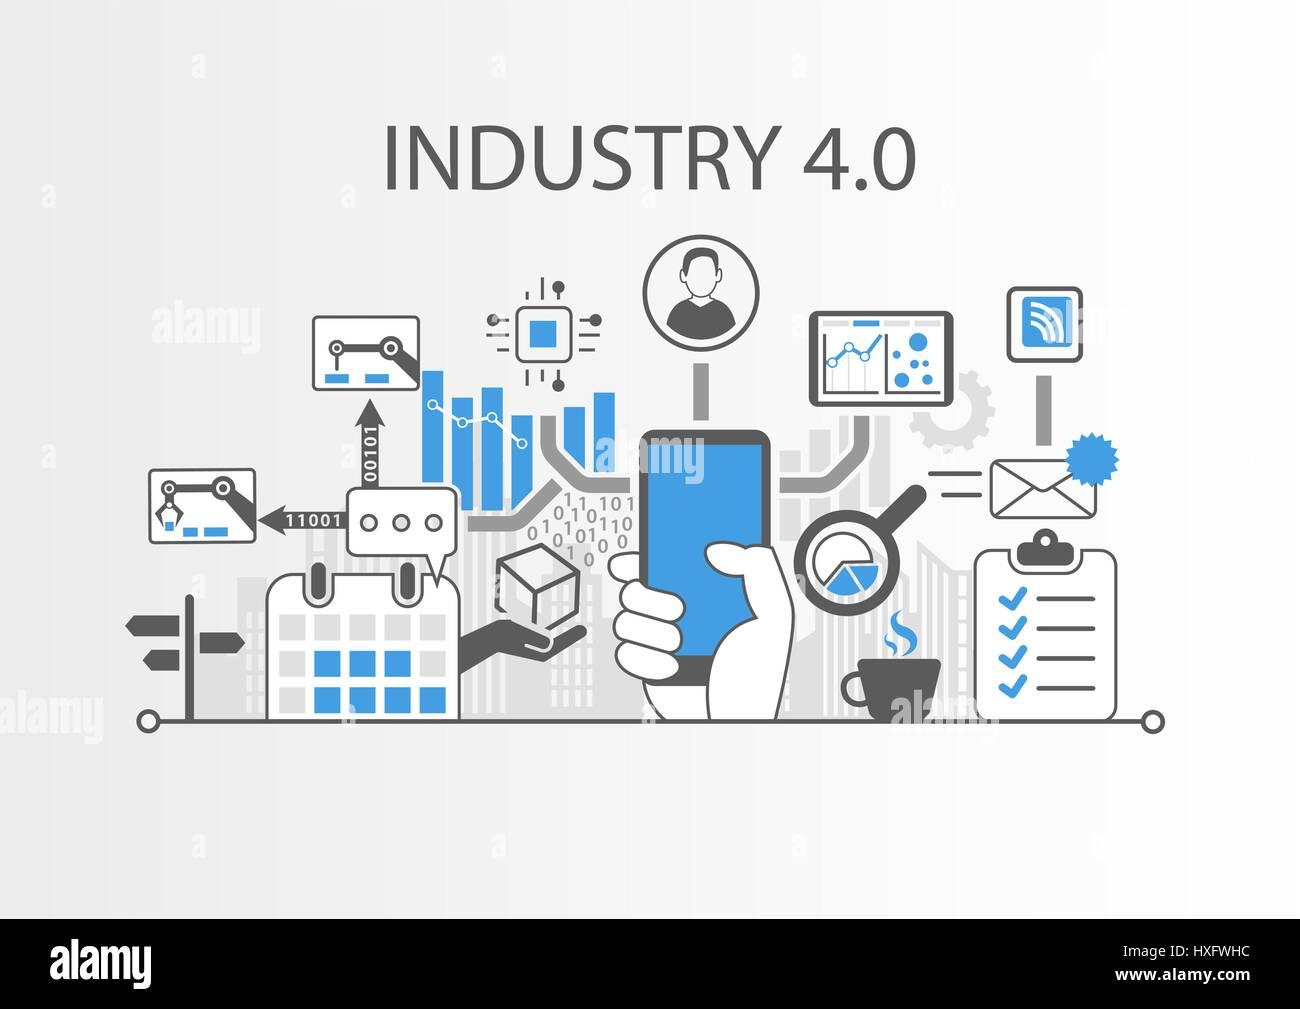 industrie 40 vektor illustration hintergrund als beispiel fr das internet der dinge technologie - Industrie 40 Beispiele